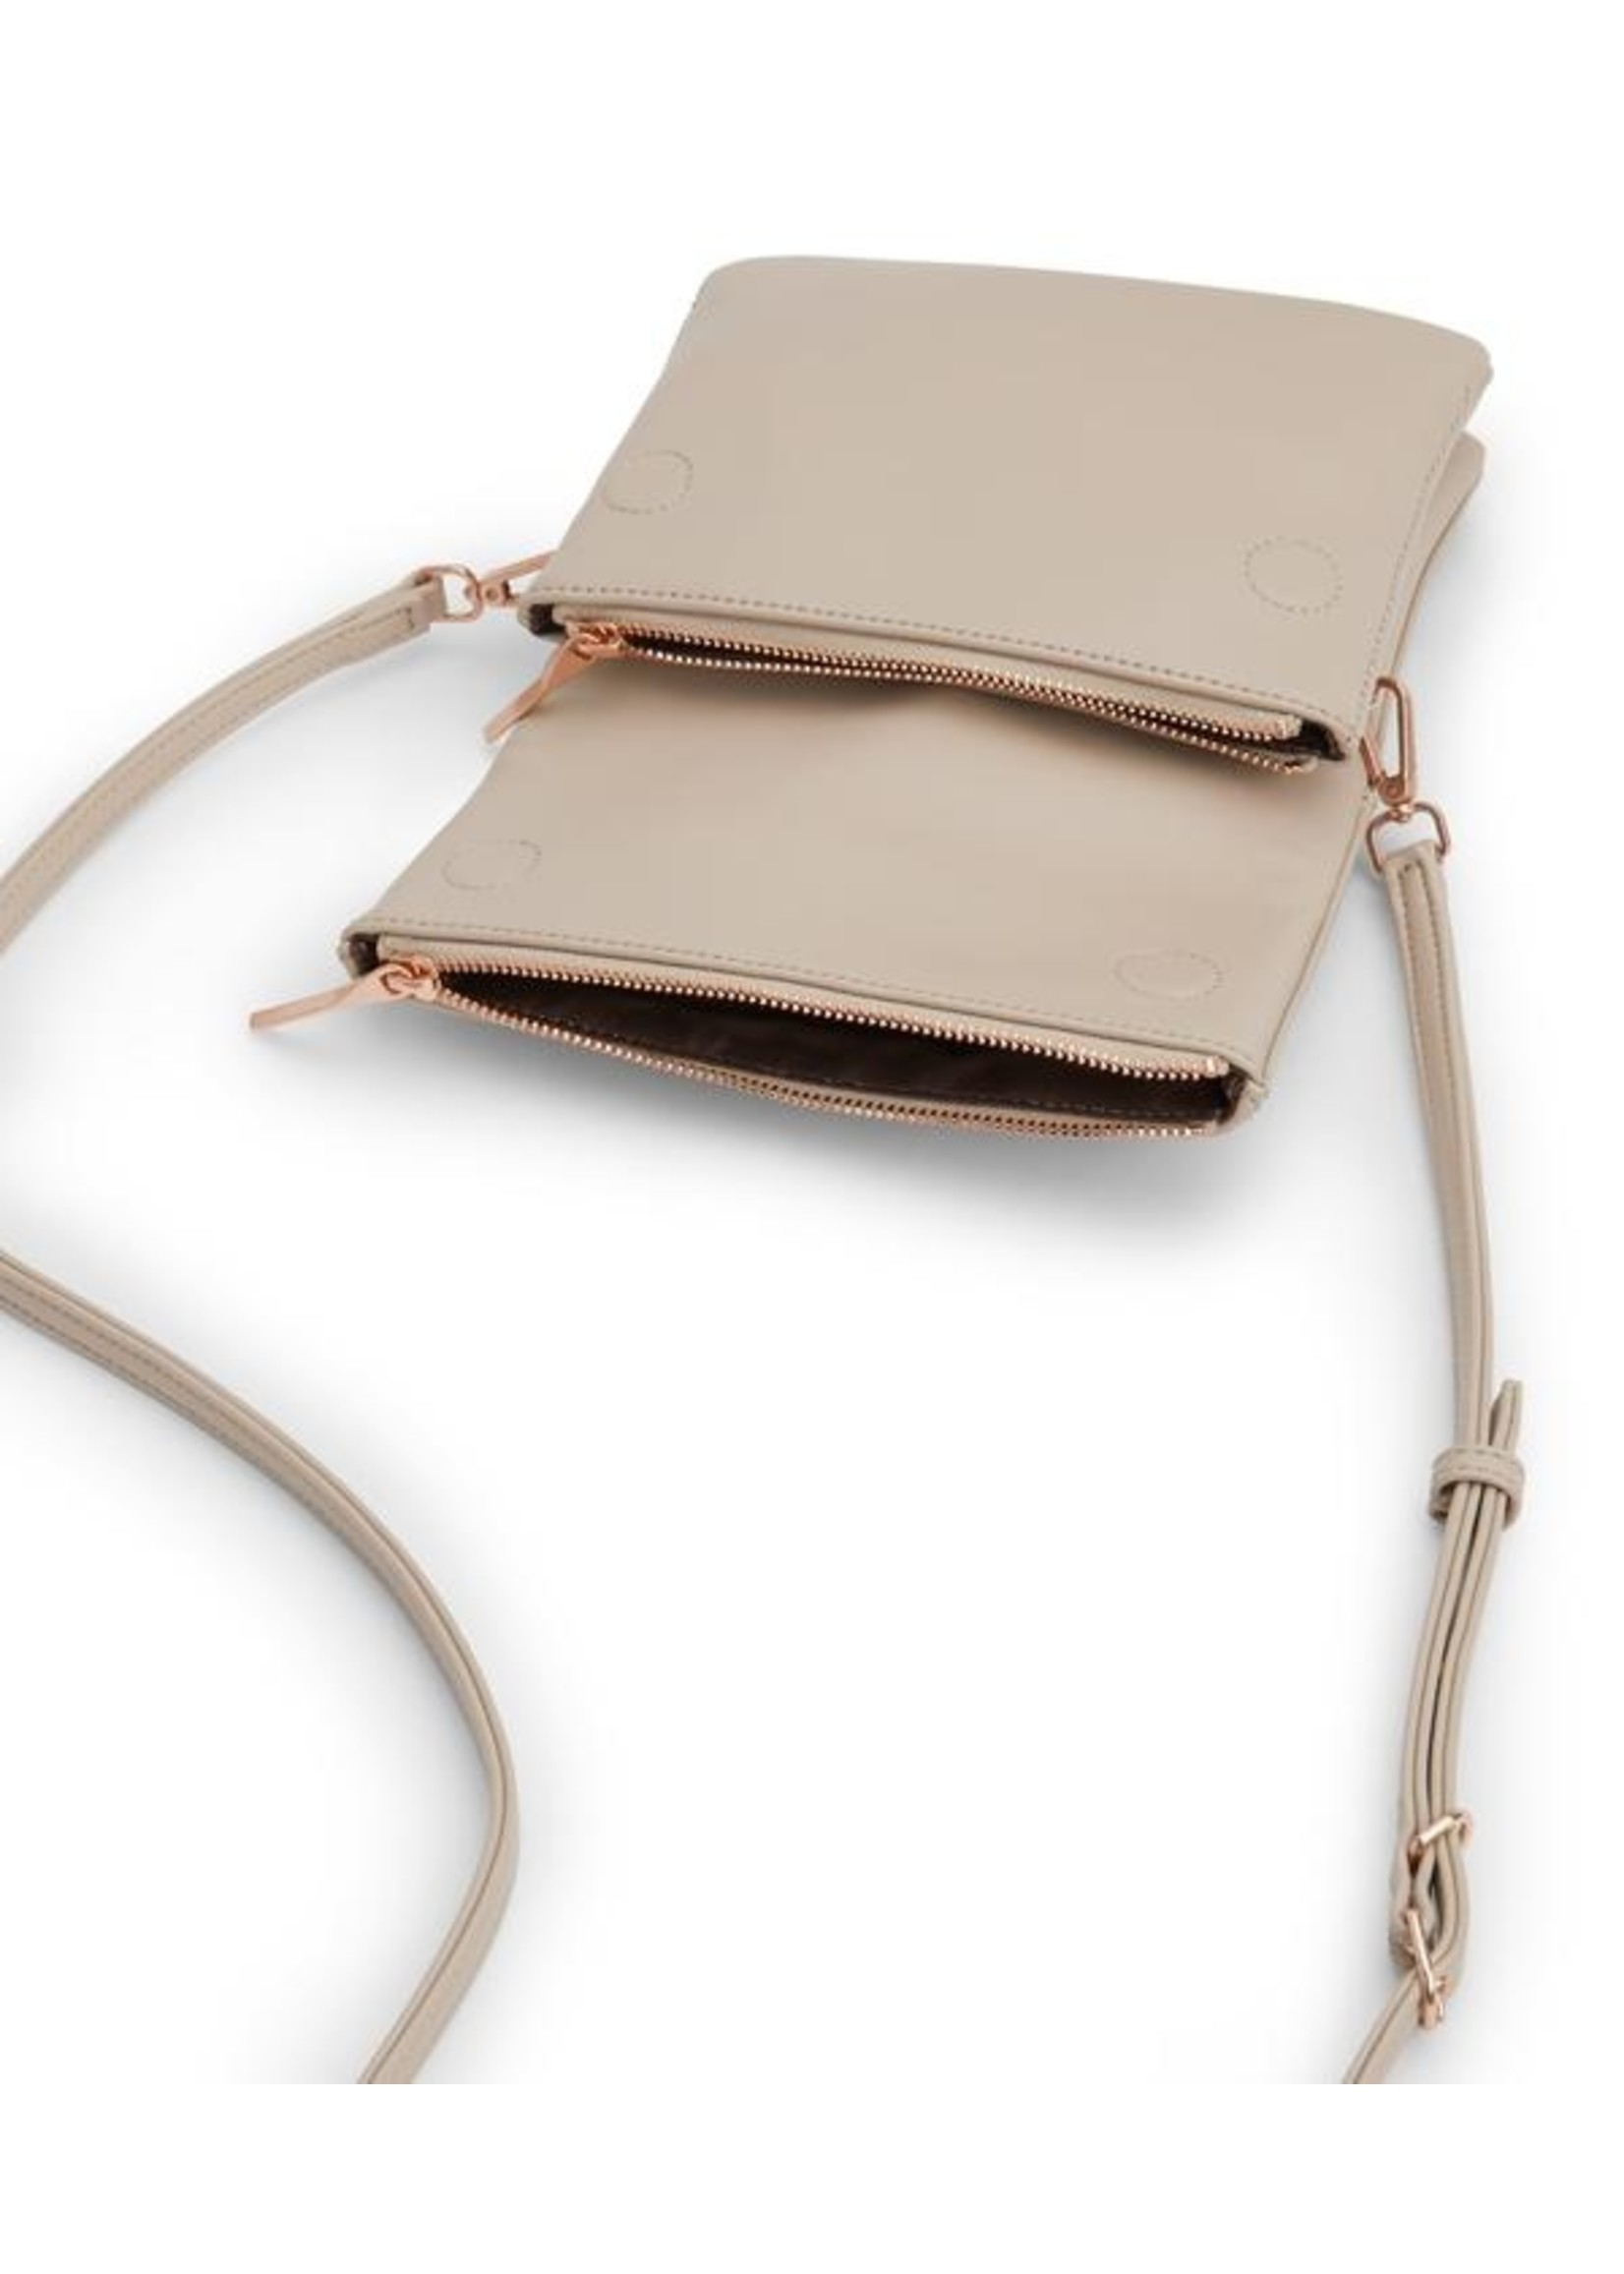 Matt & Nat HILEY - LOOM Crossbody Bag